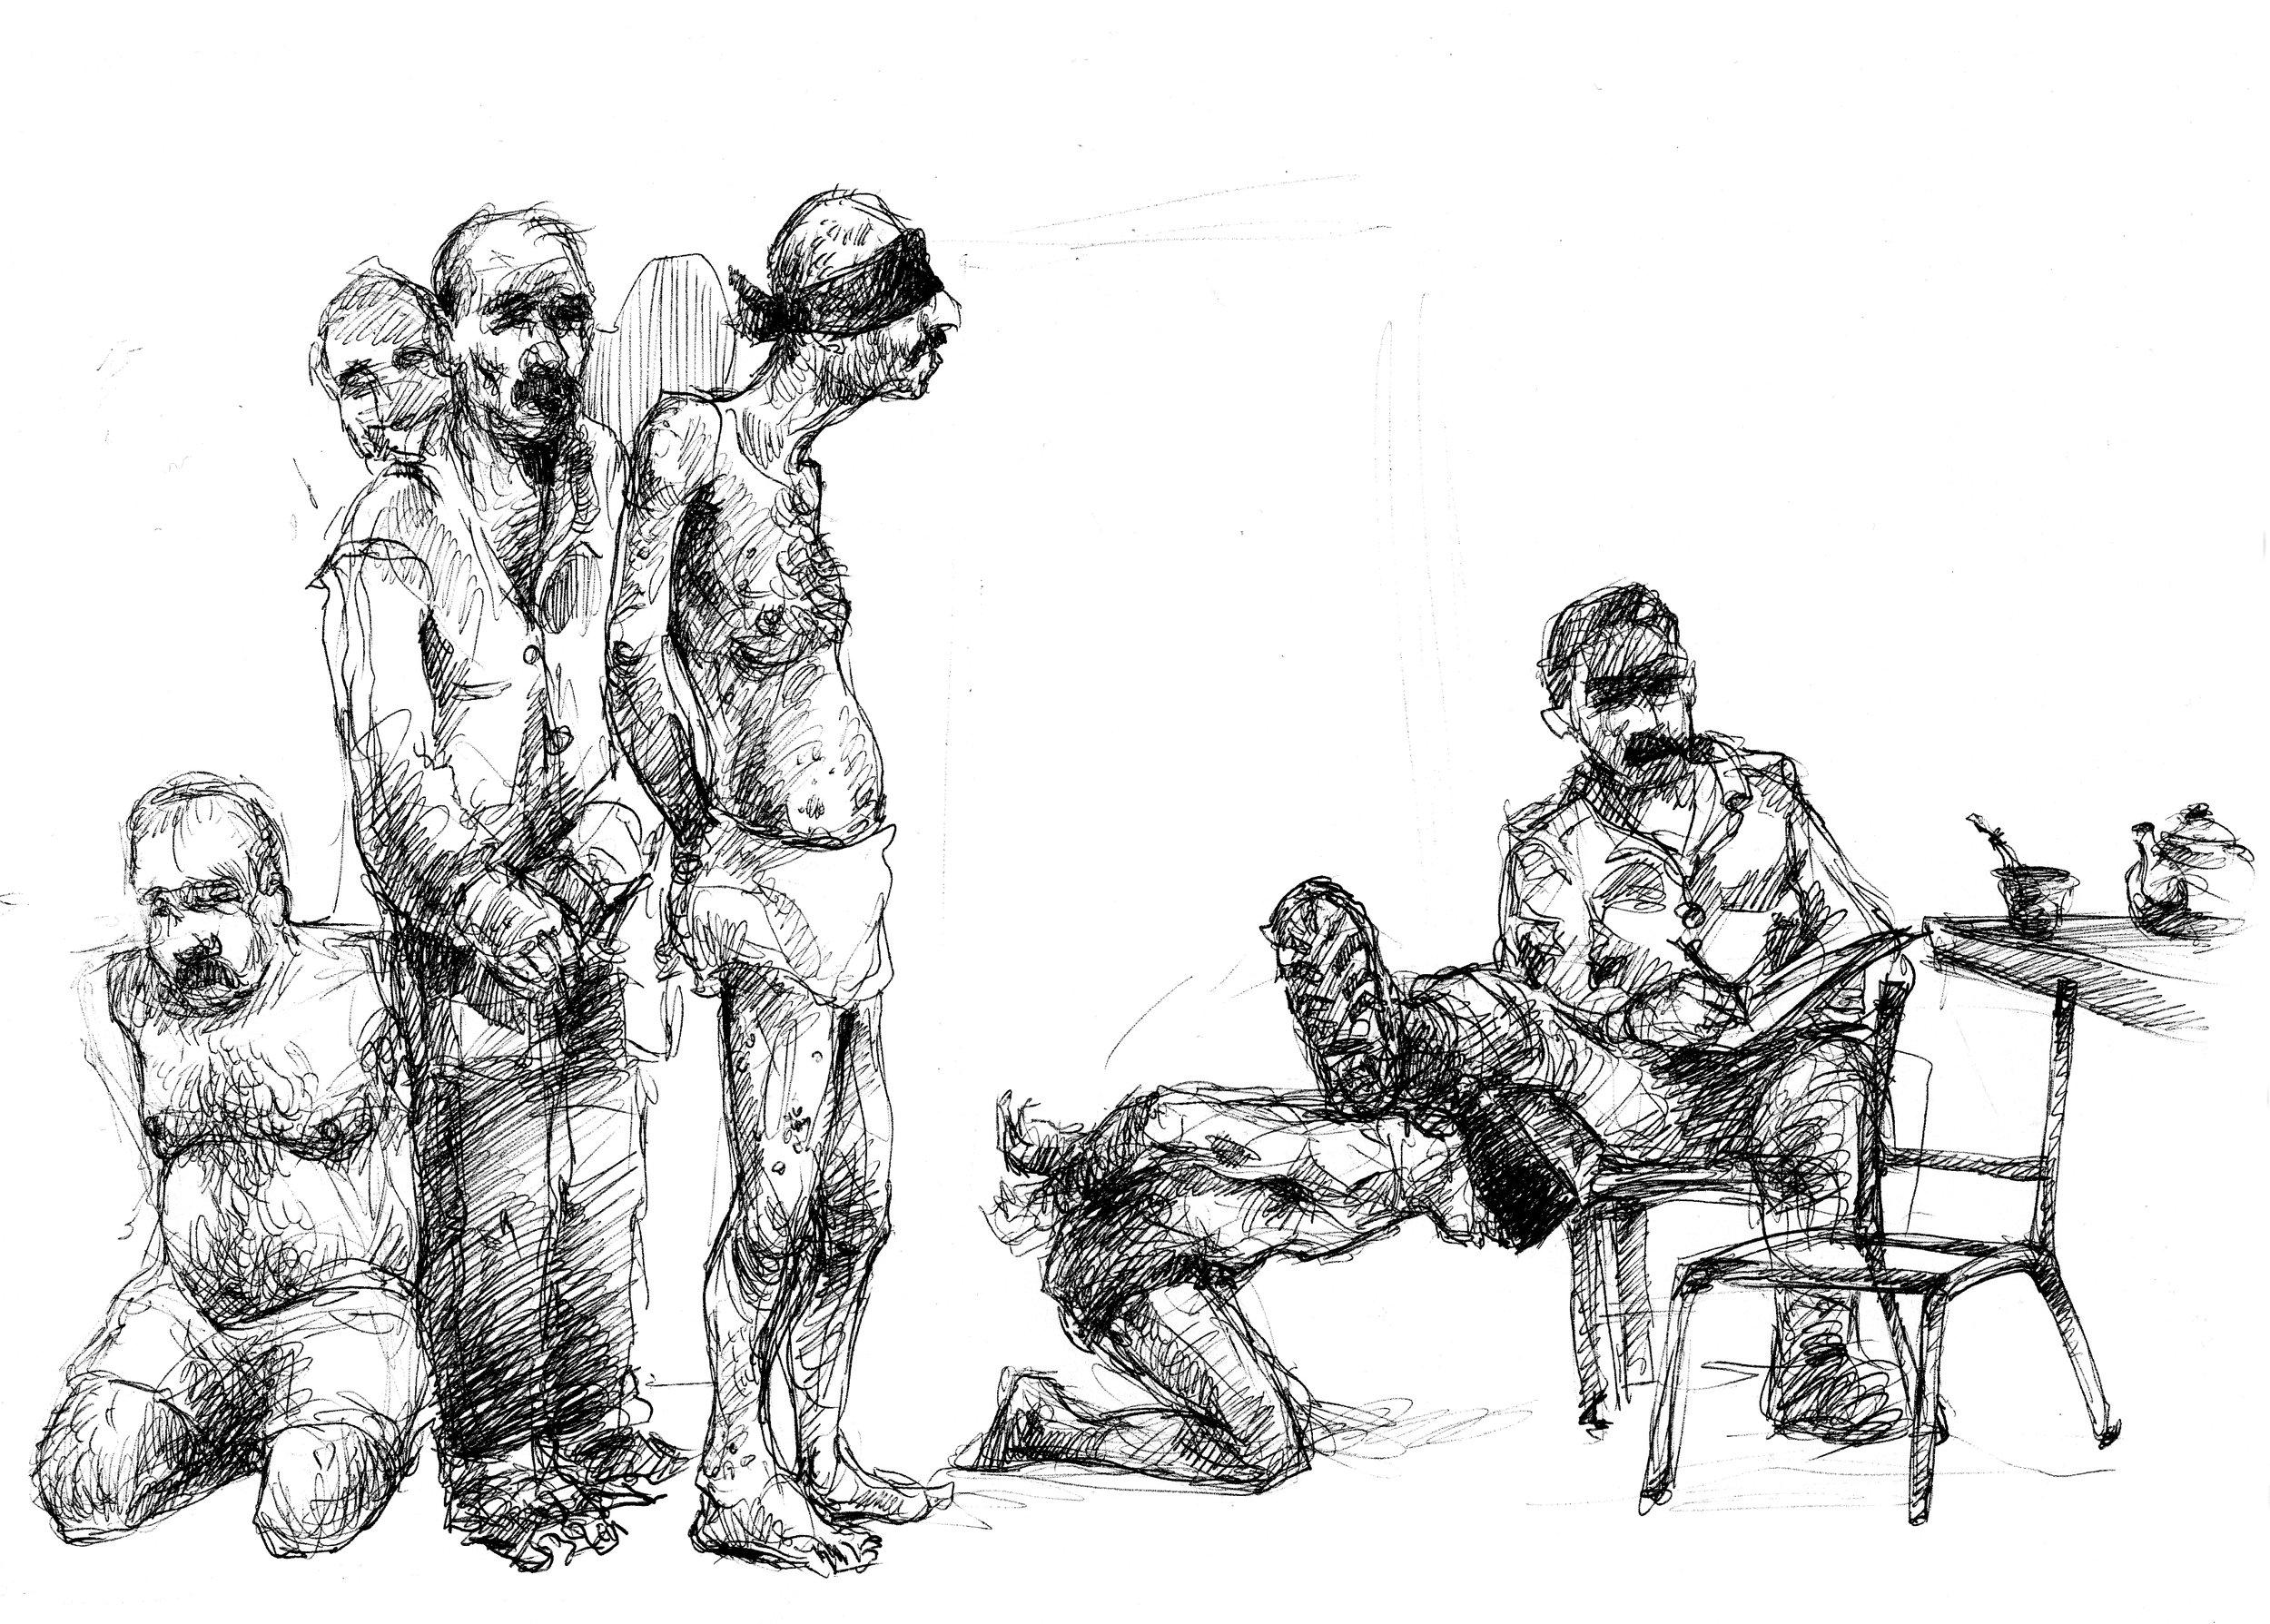 Förnedringens vardag. - En fångvaktare förnedrar fångarna genom att trycka ned dem med sina skor. En annan använder ett järnrör av samma anledning. Fångvaktarna dricker te och röker cigaretter under tortyren och förhören.